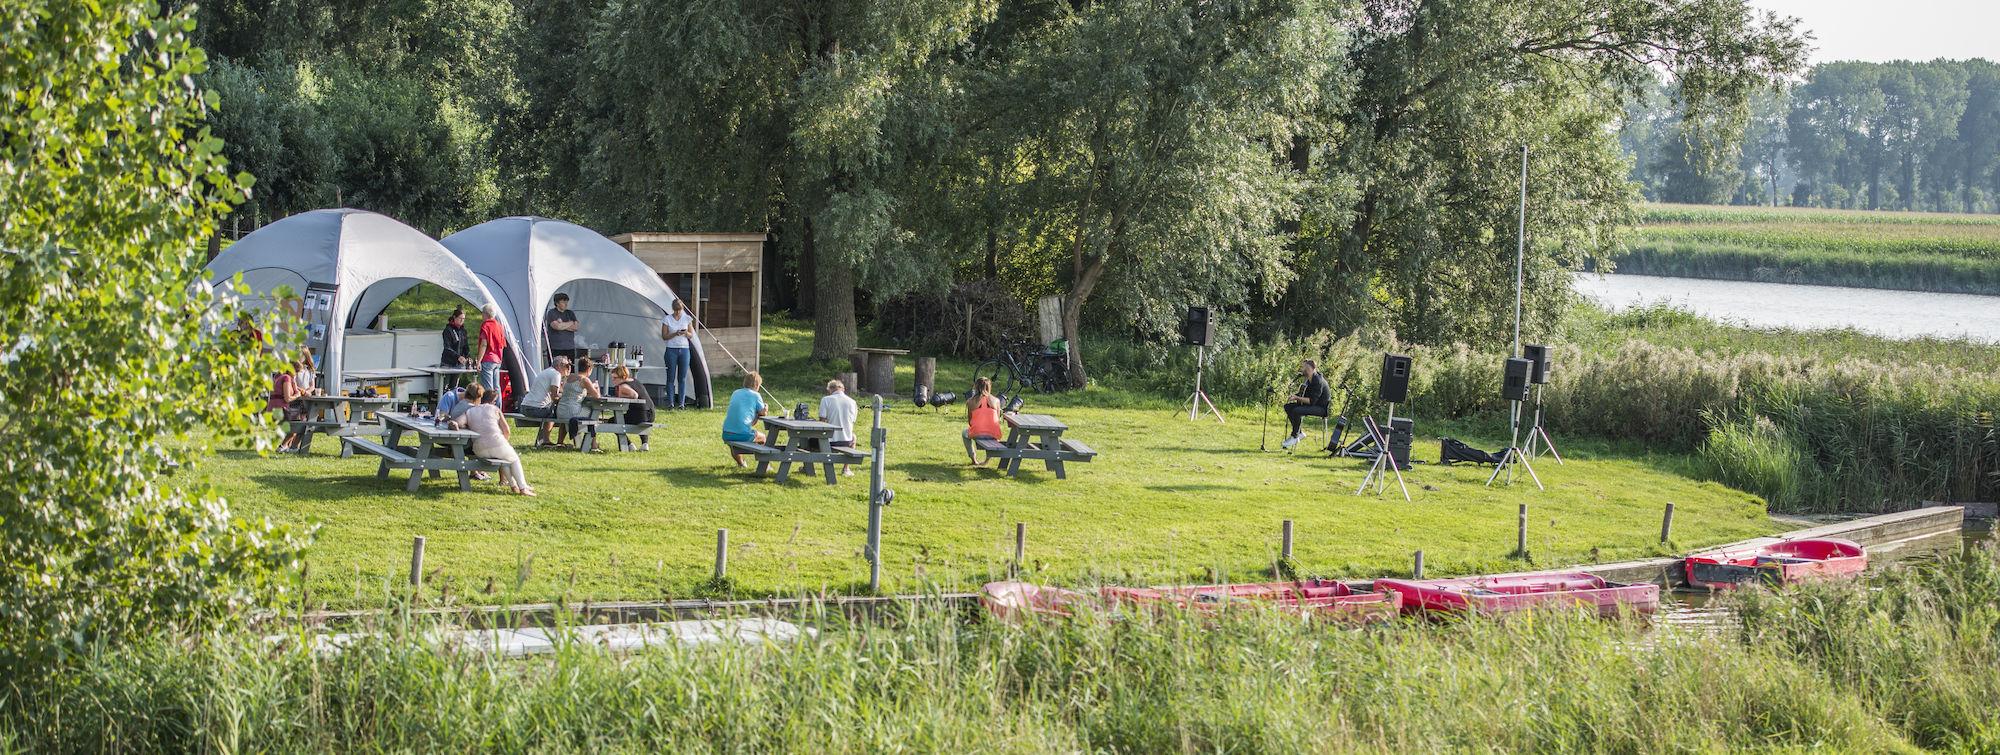 170826-Boerekreek-OVL-zomert-42.jpg